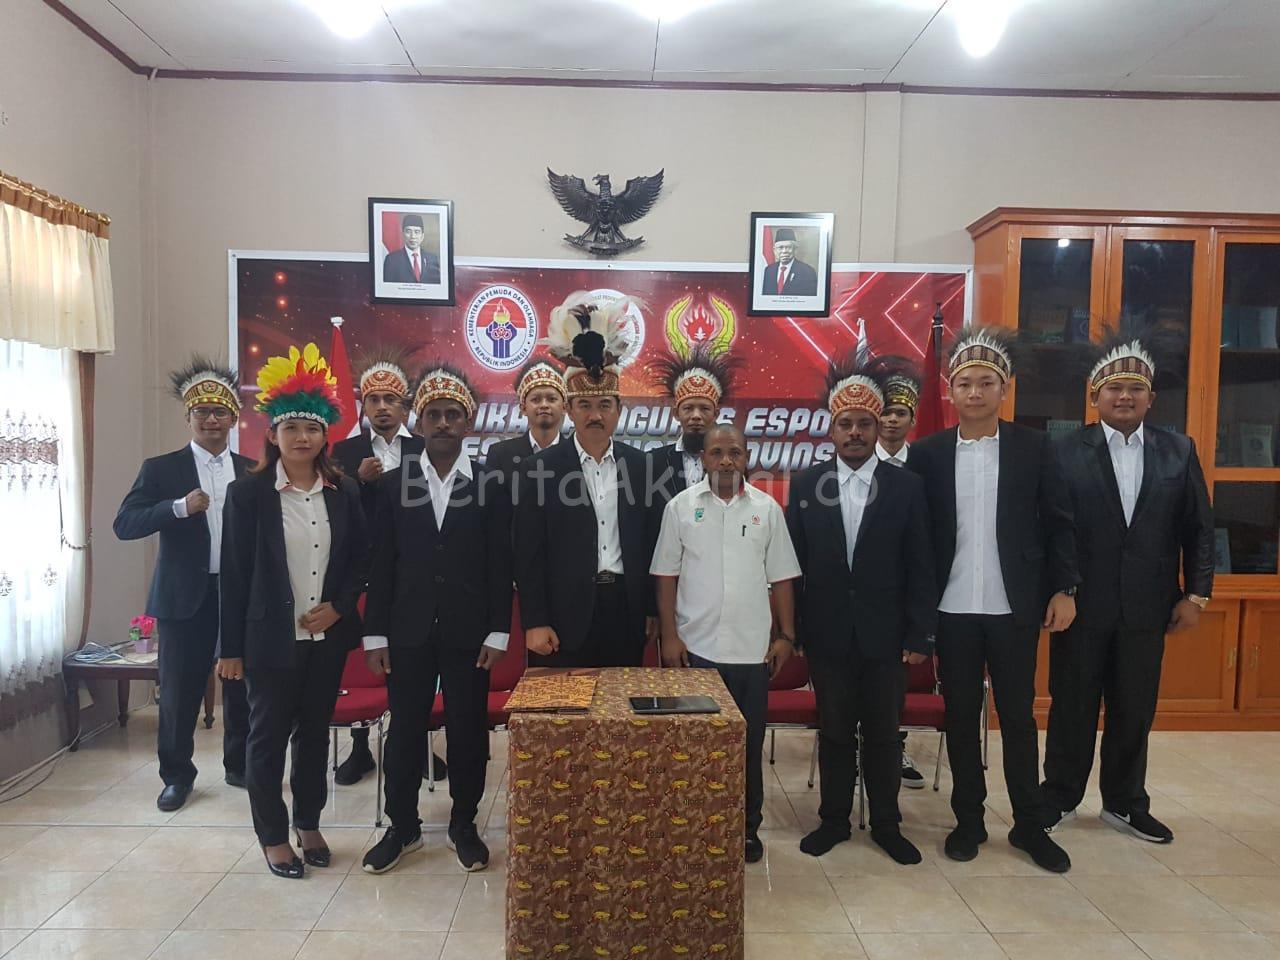 Pertama di Indonesia, Pengurus Esport Papua Barat Dilantik Serentak Secara Virtual 7 IMG 20200316 WA0033